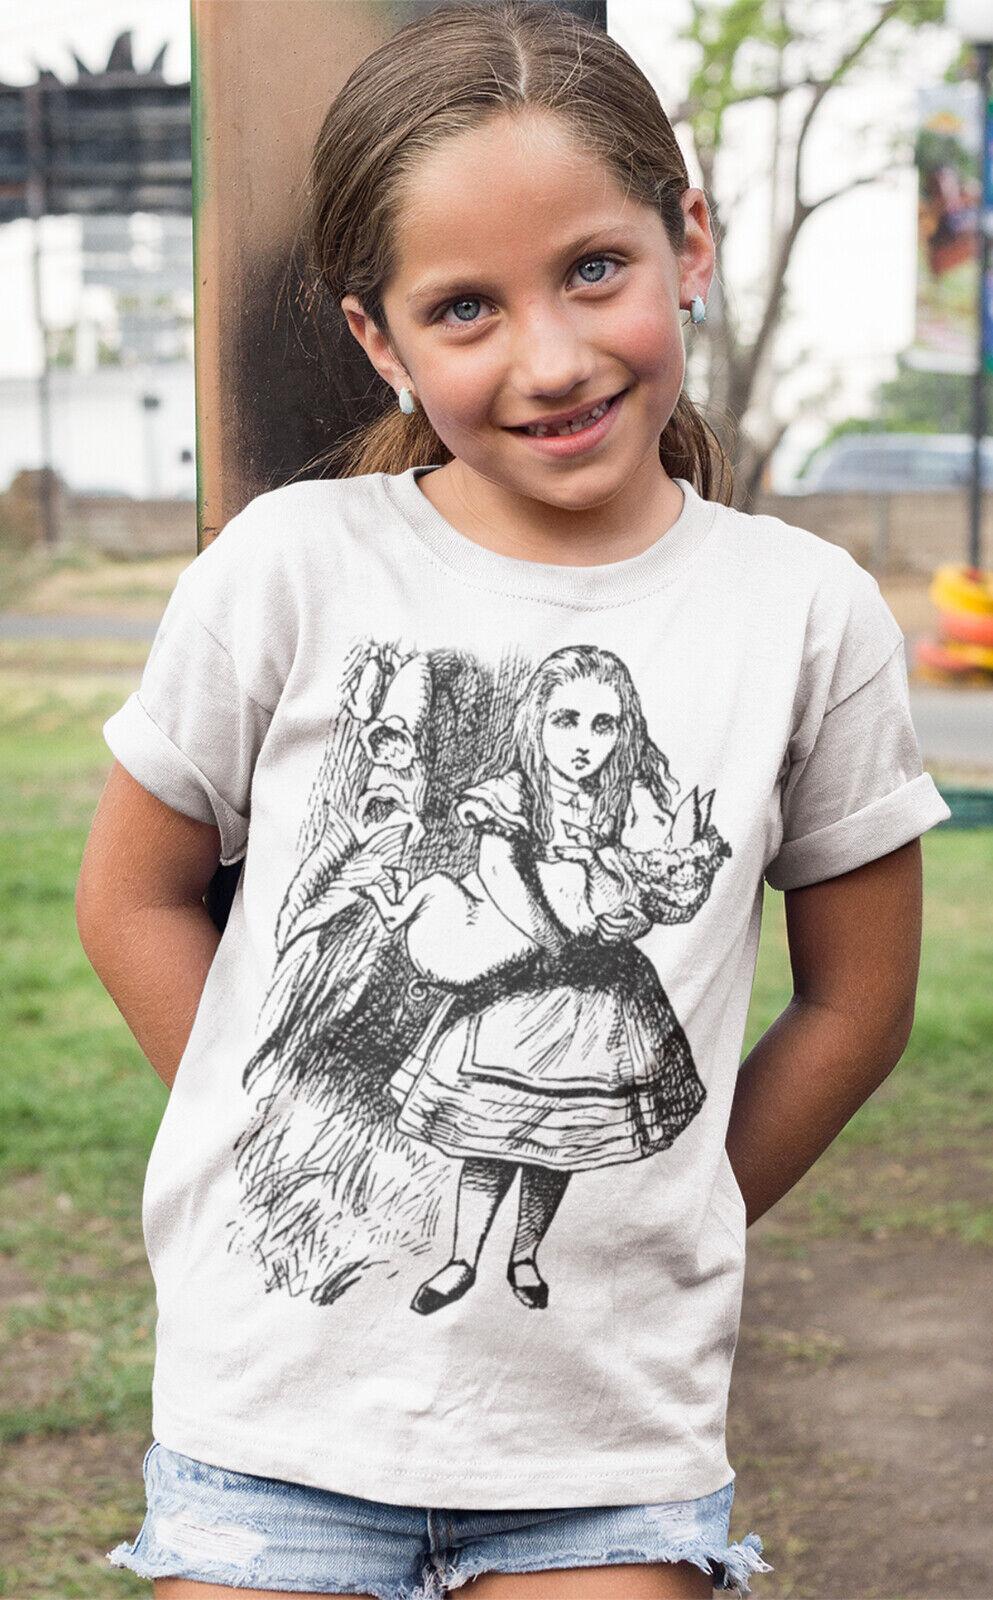 Alice in Wonderland Designs